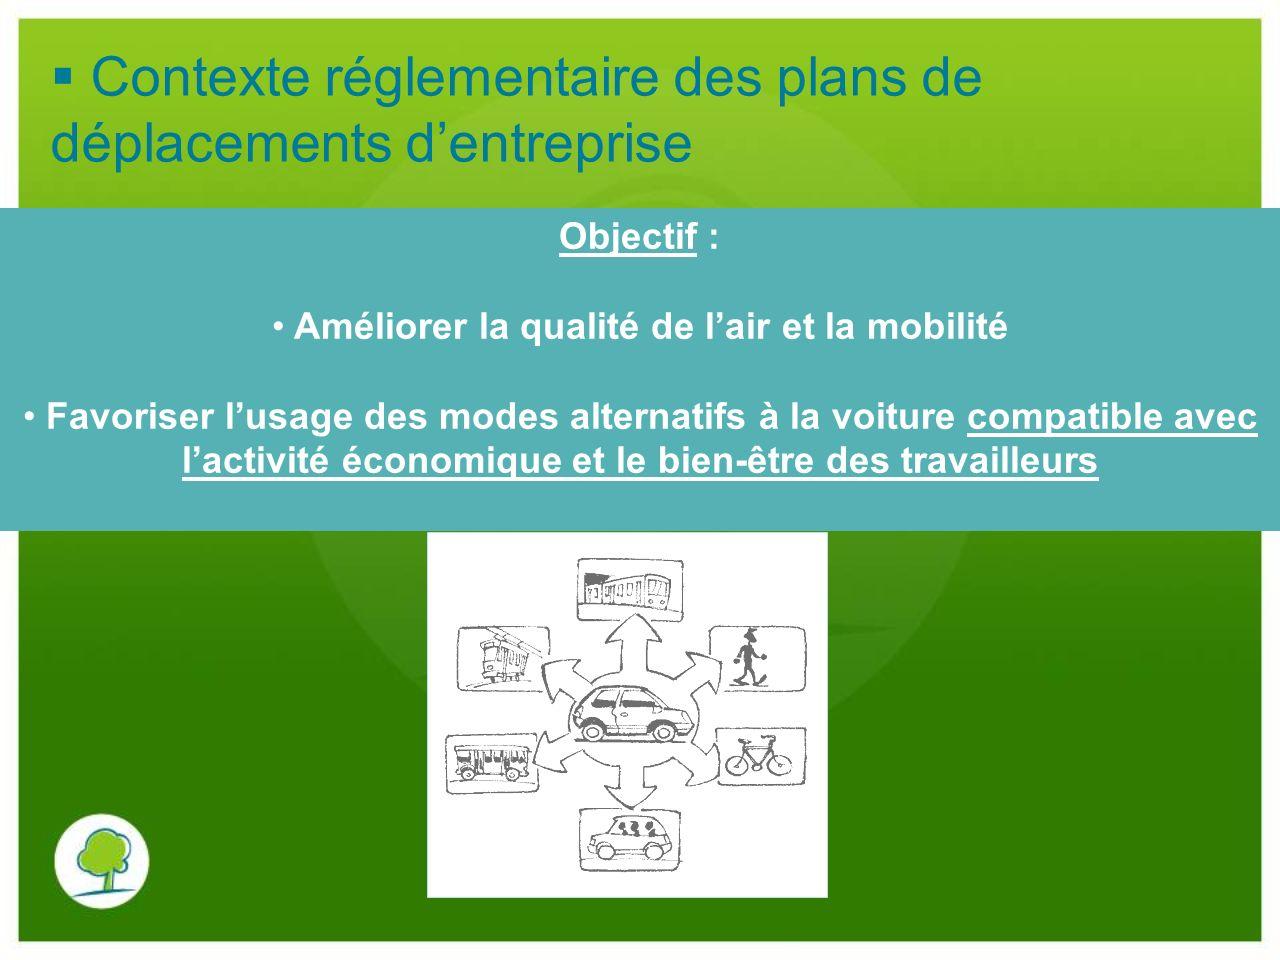 Contexte réglementaire des plans de déplacements dentreprise Objectif : Améliorer la qualité de lair et la mobilité Favoriser lusage des modes alterna